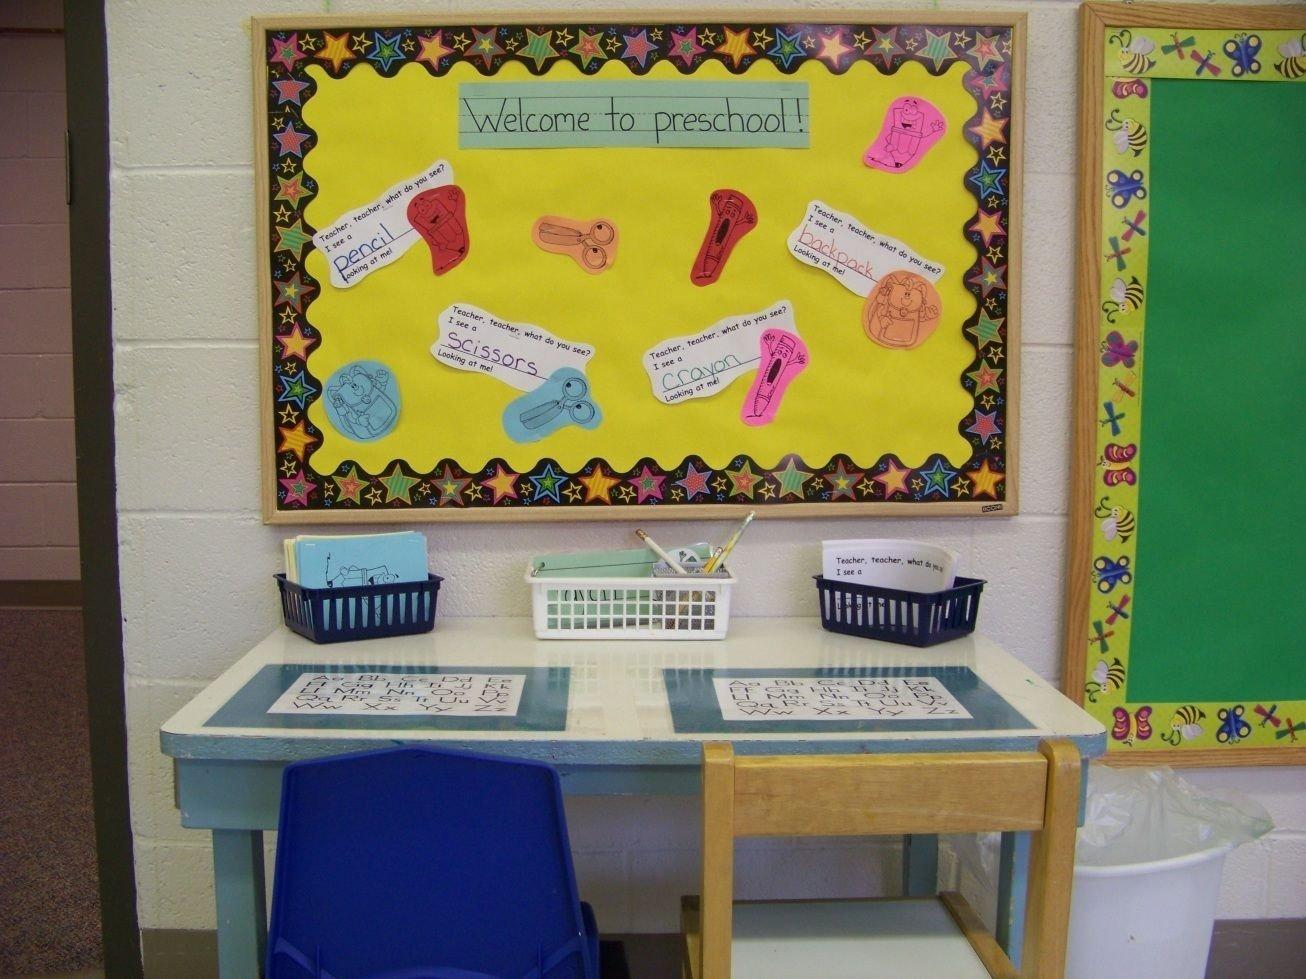 10 Best Writing Center Ideas For Preschool getting ready for preschool part one the writing center writing 2020